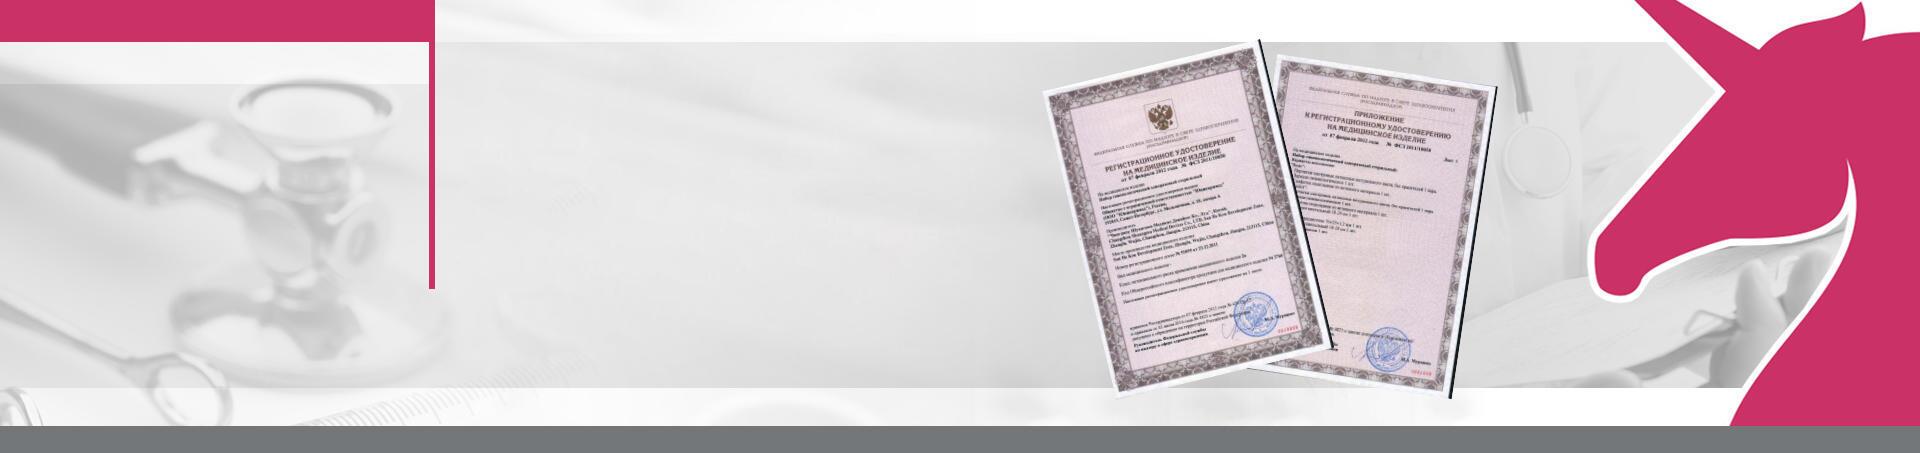 Продукция зарегистрирована и сертифицирована в соответствии с законодательством РФ